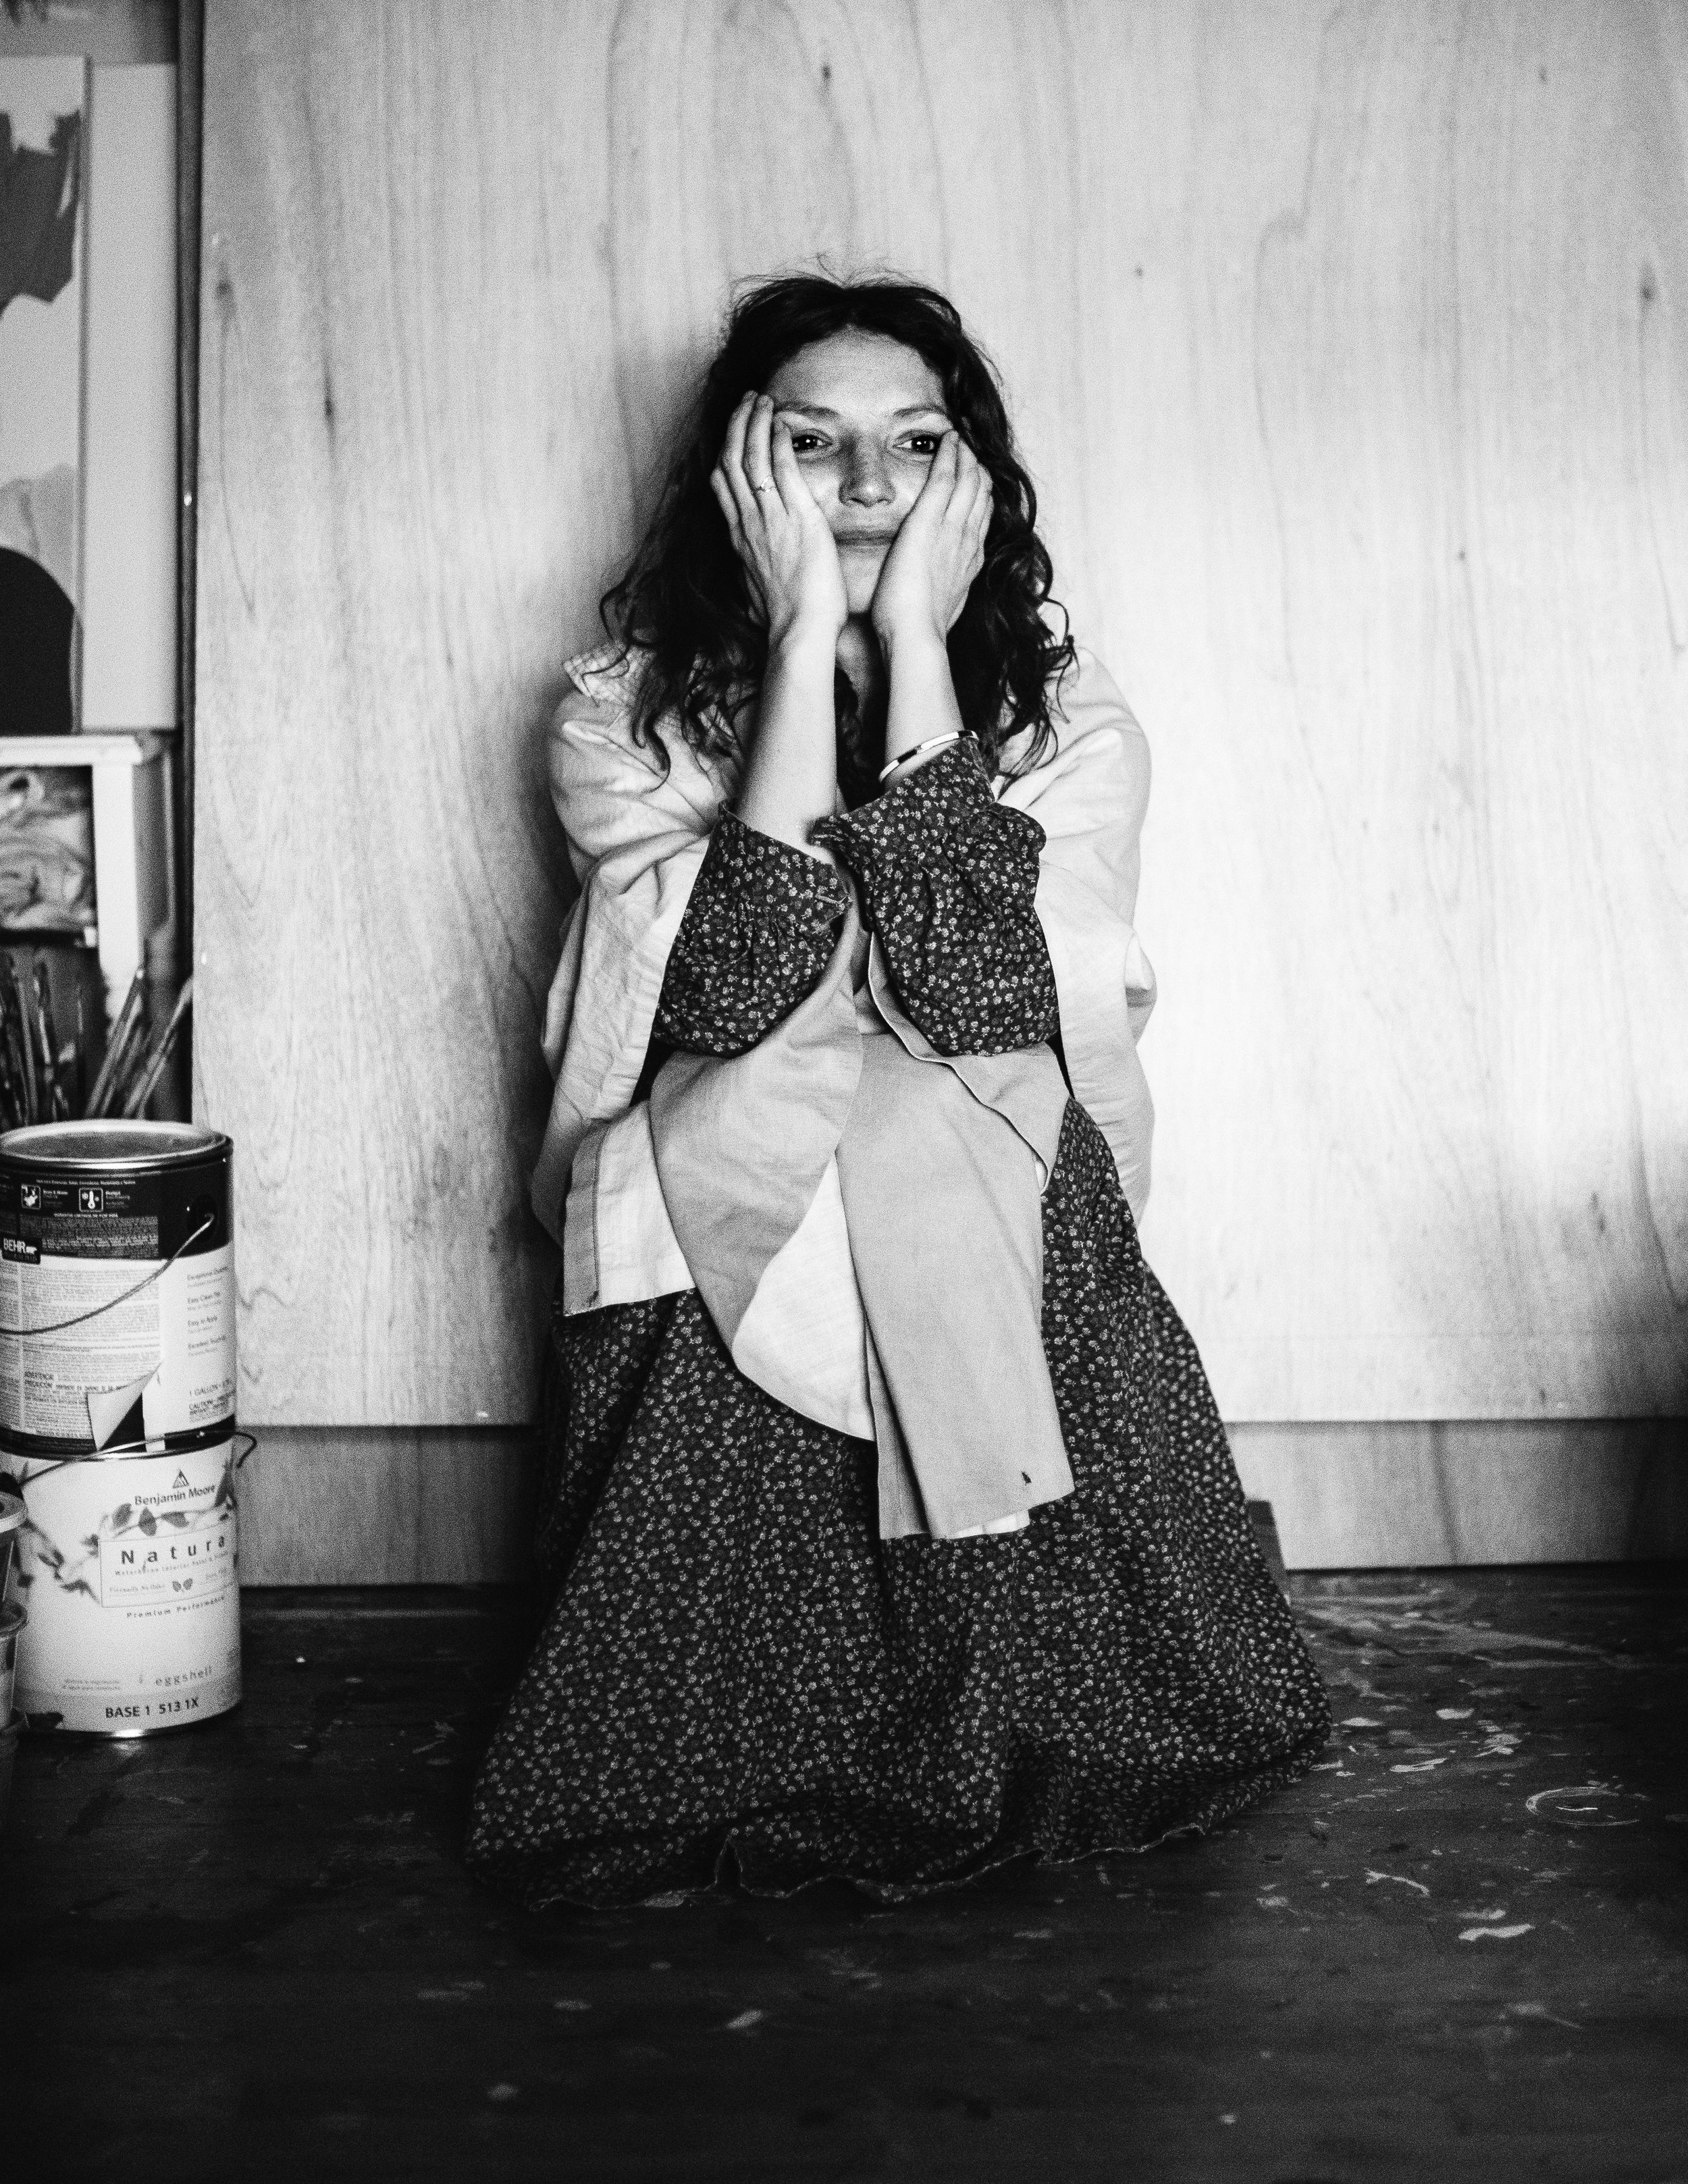 Adriana Atema - Brooklyn, NY - 2015